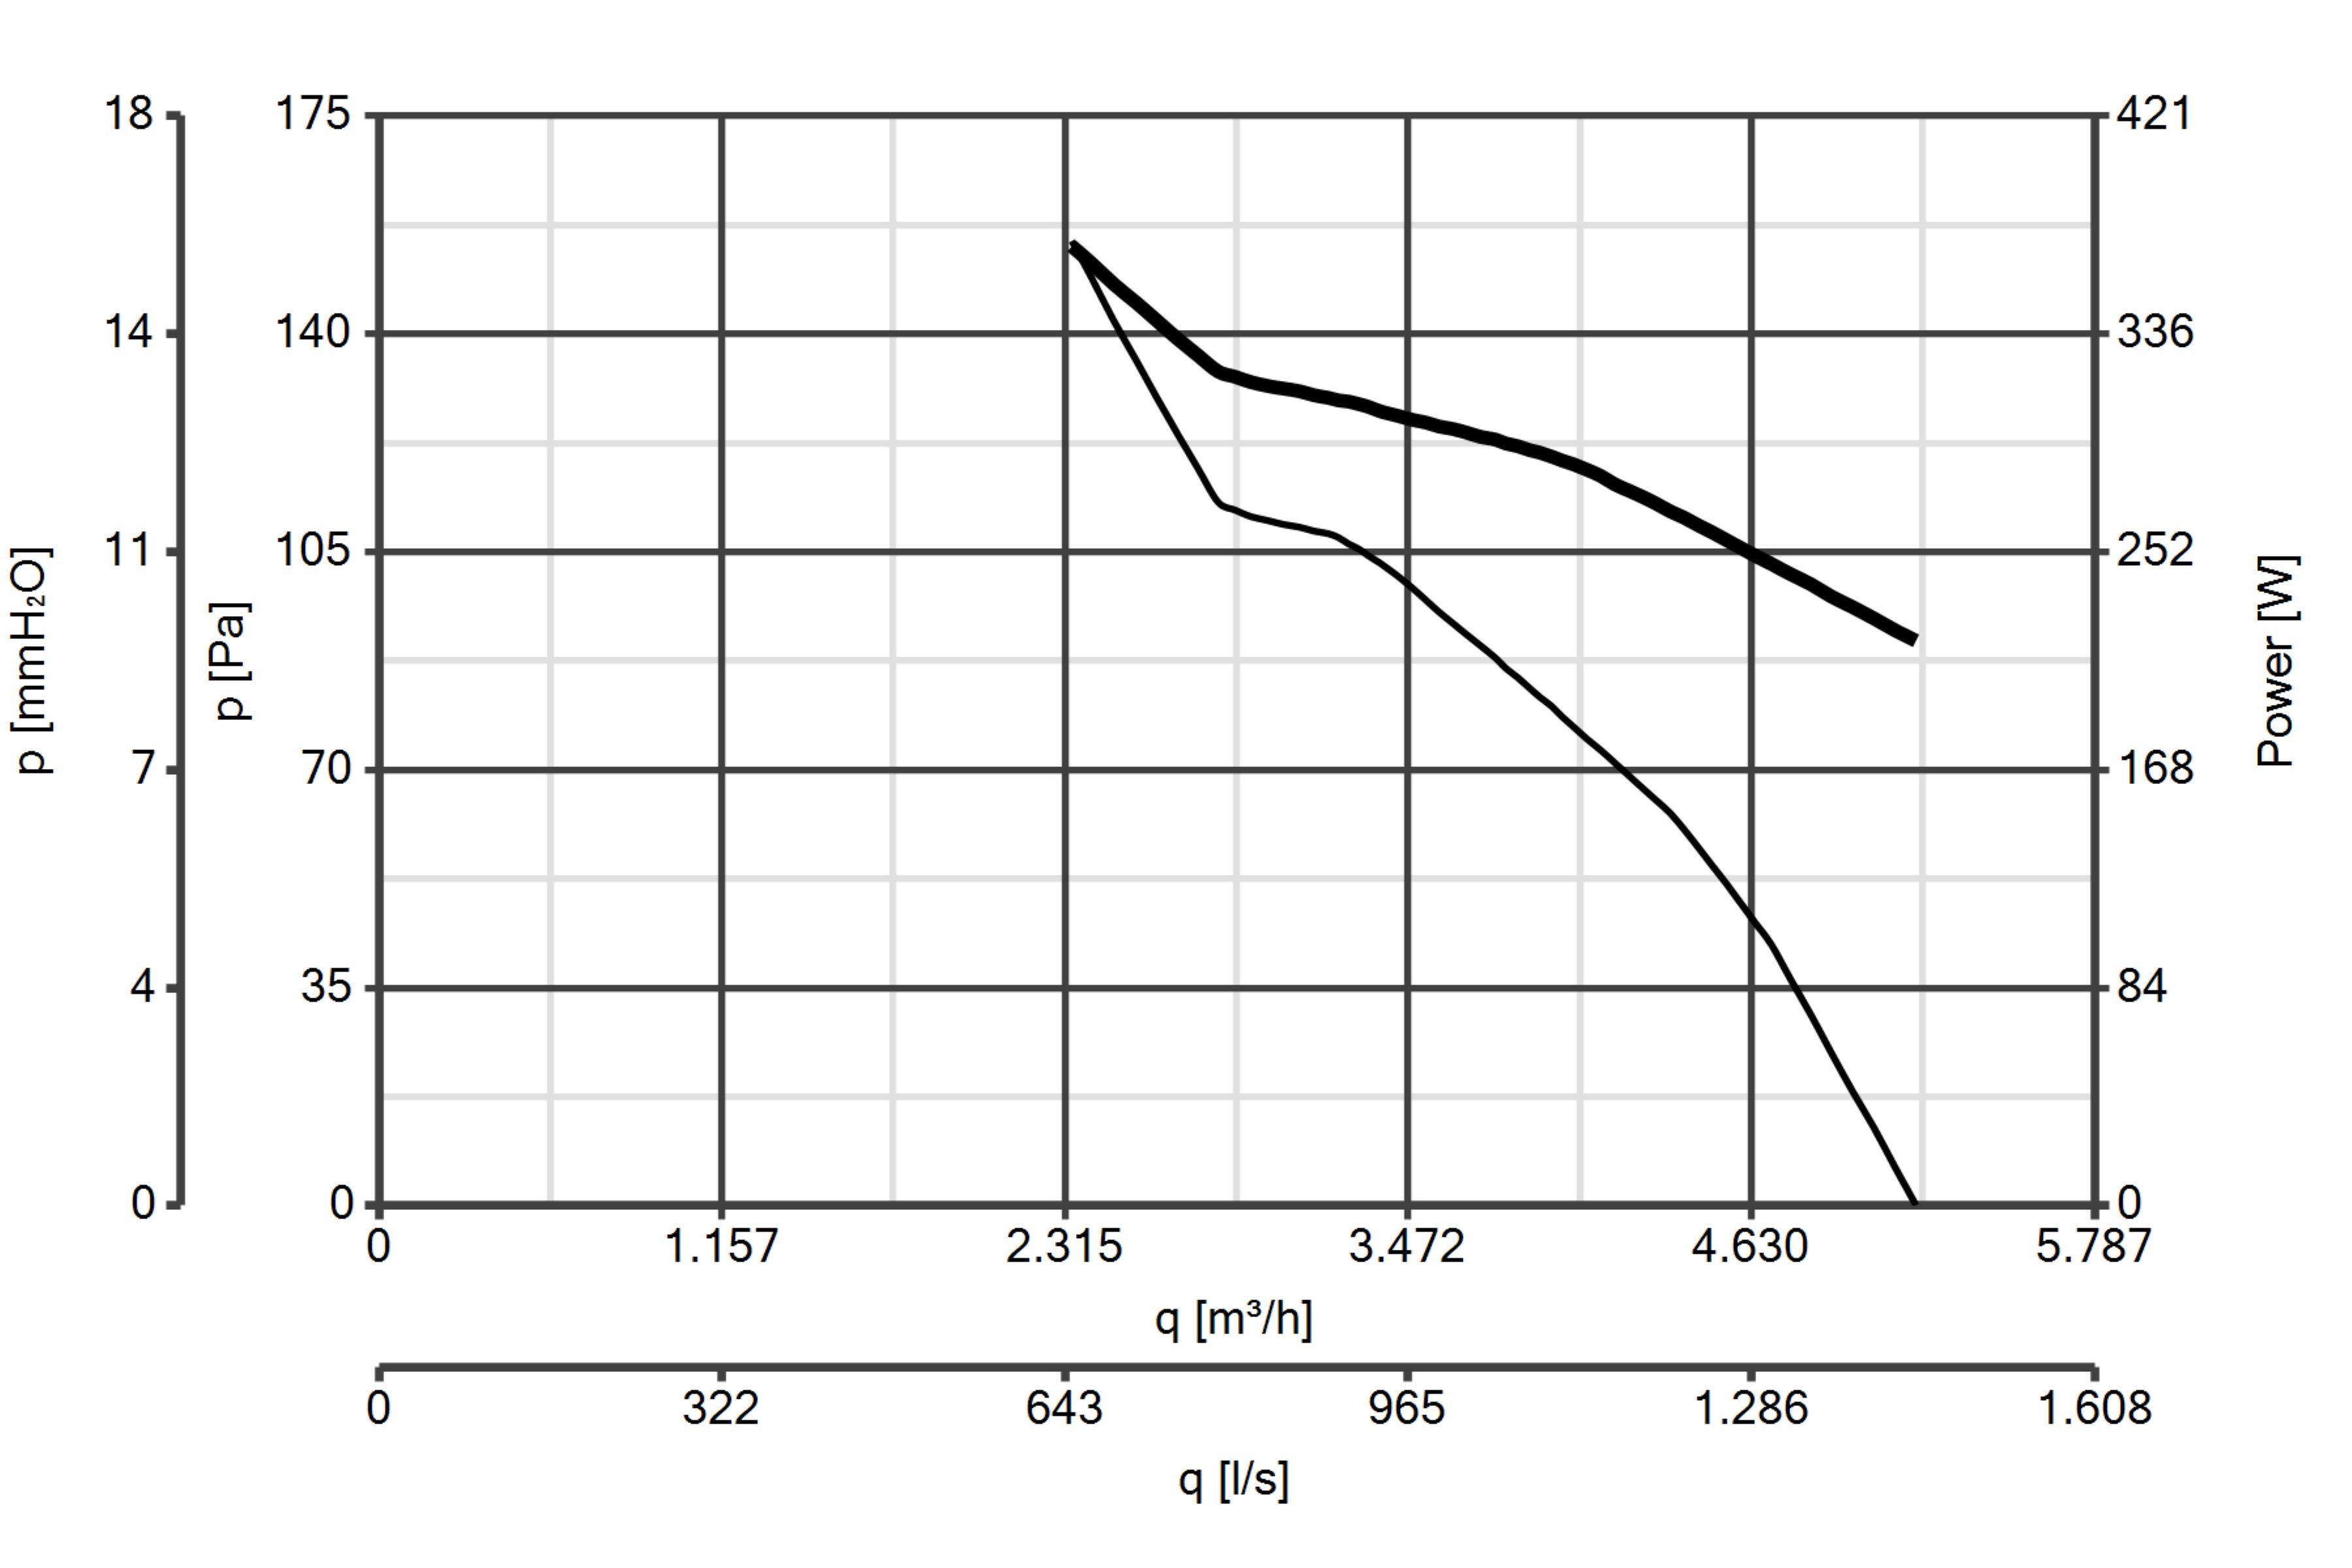 Curba de functionare ventilator axial de perete